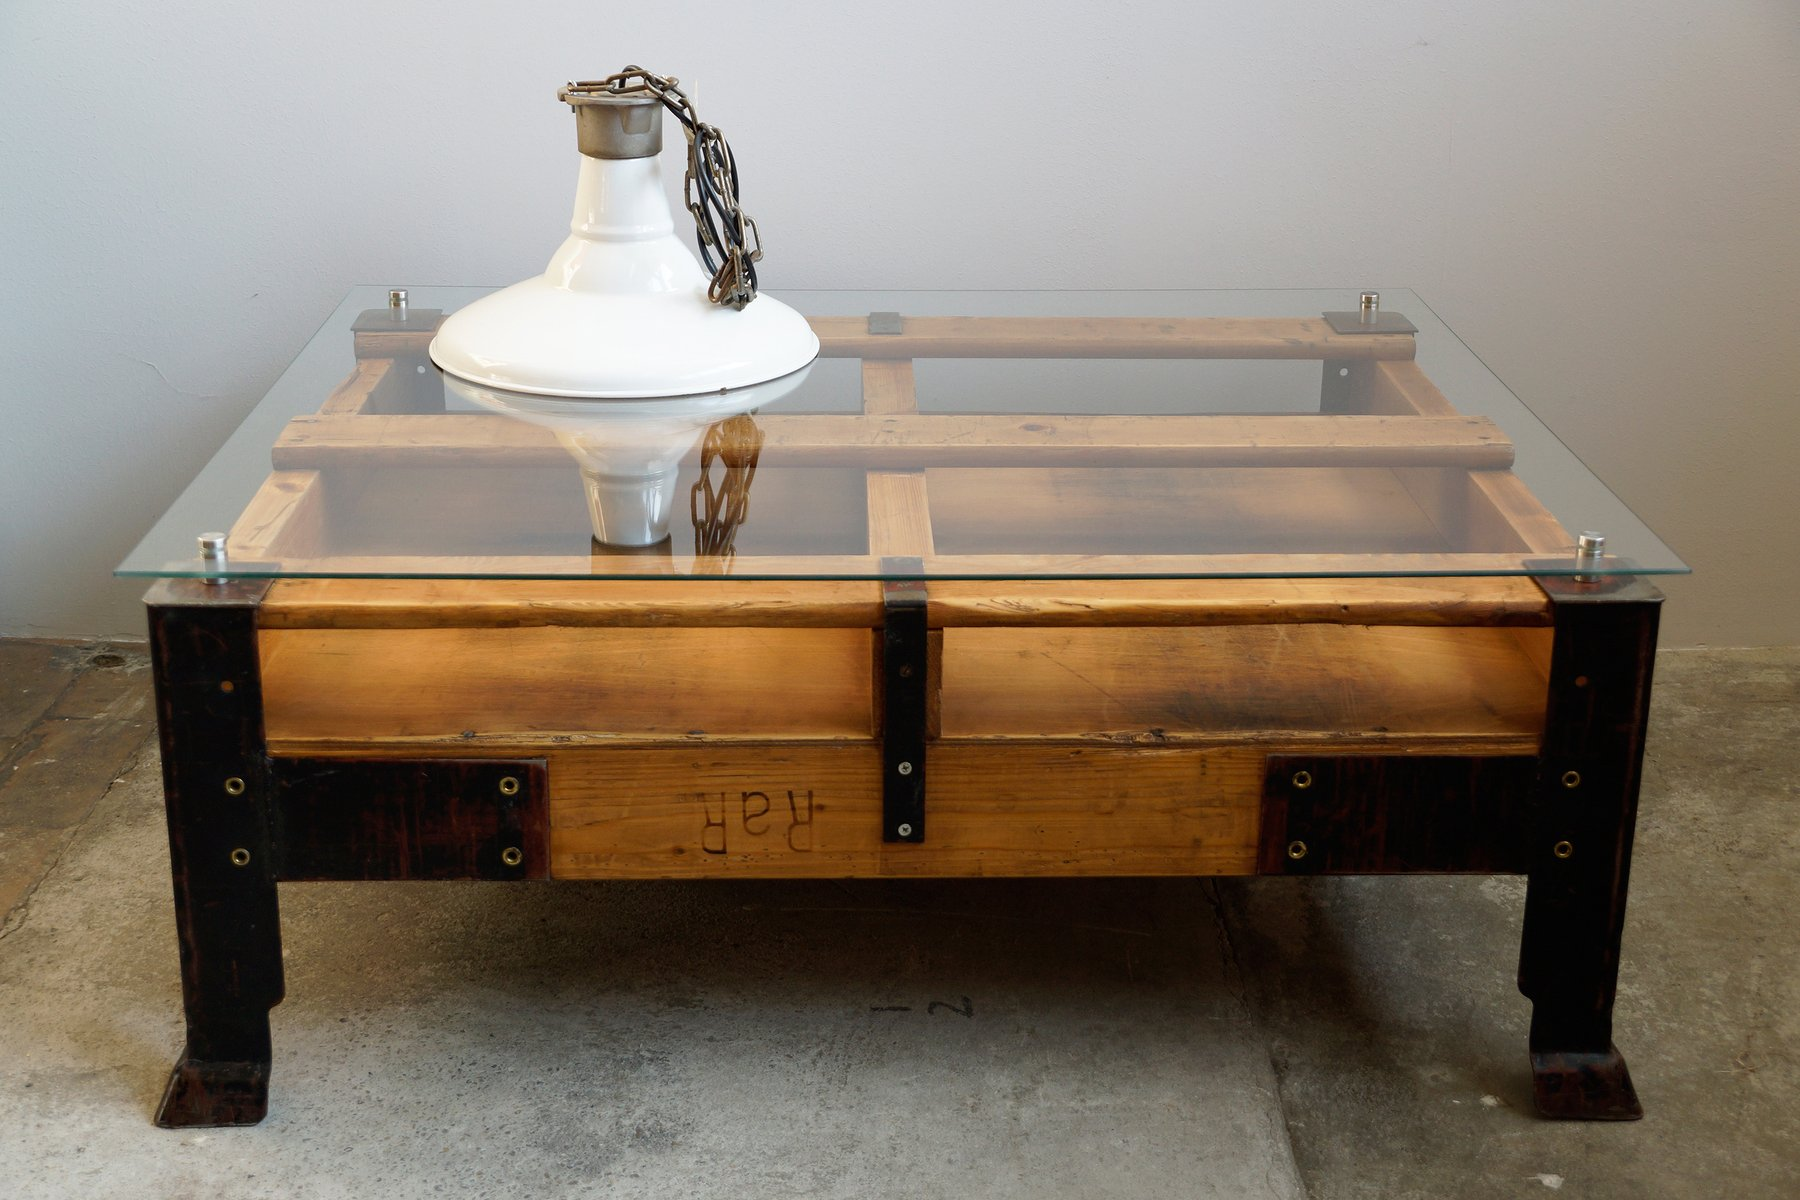 Table basse palette industrielle avec dessus en verre en - Table basse dessus verre ...